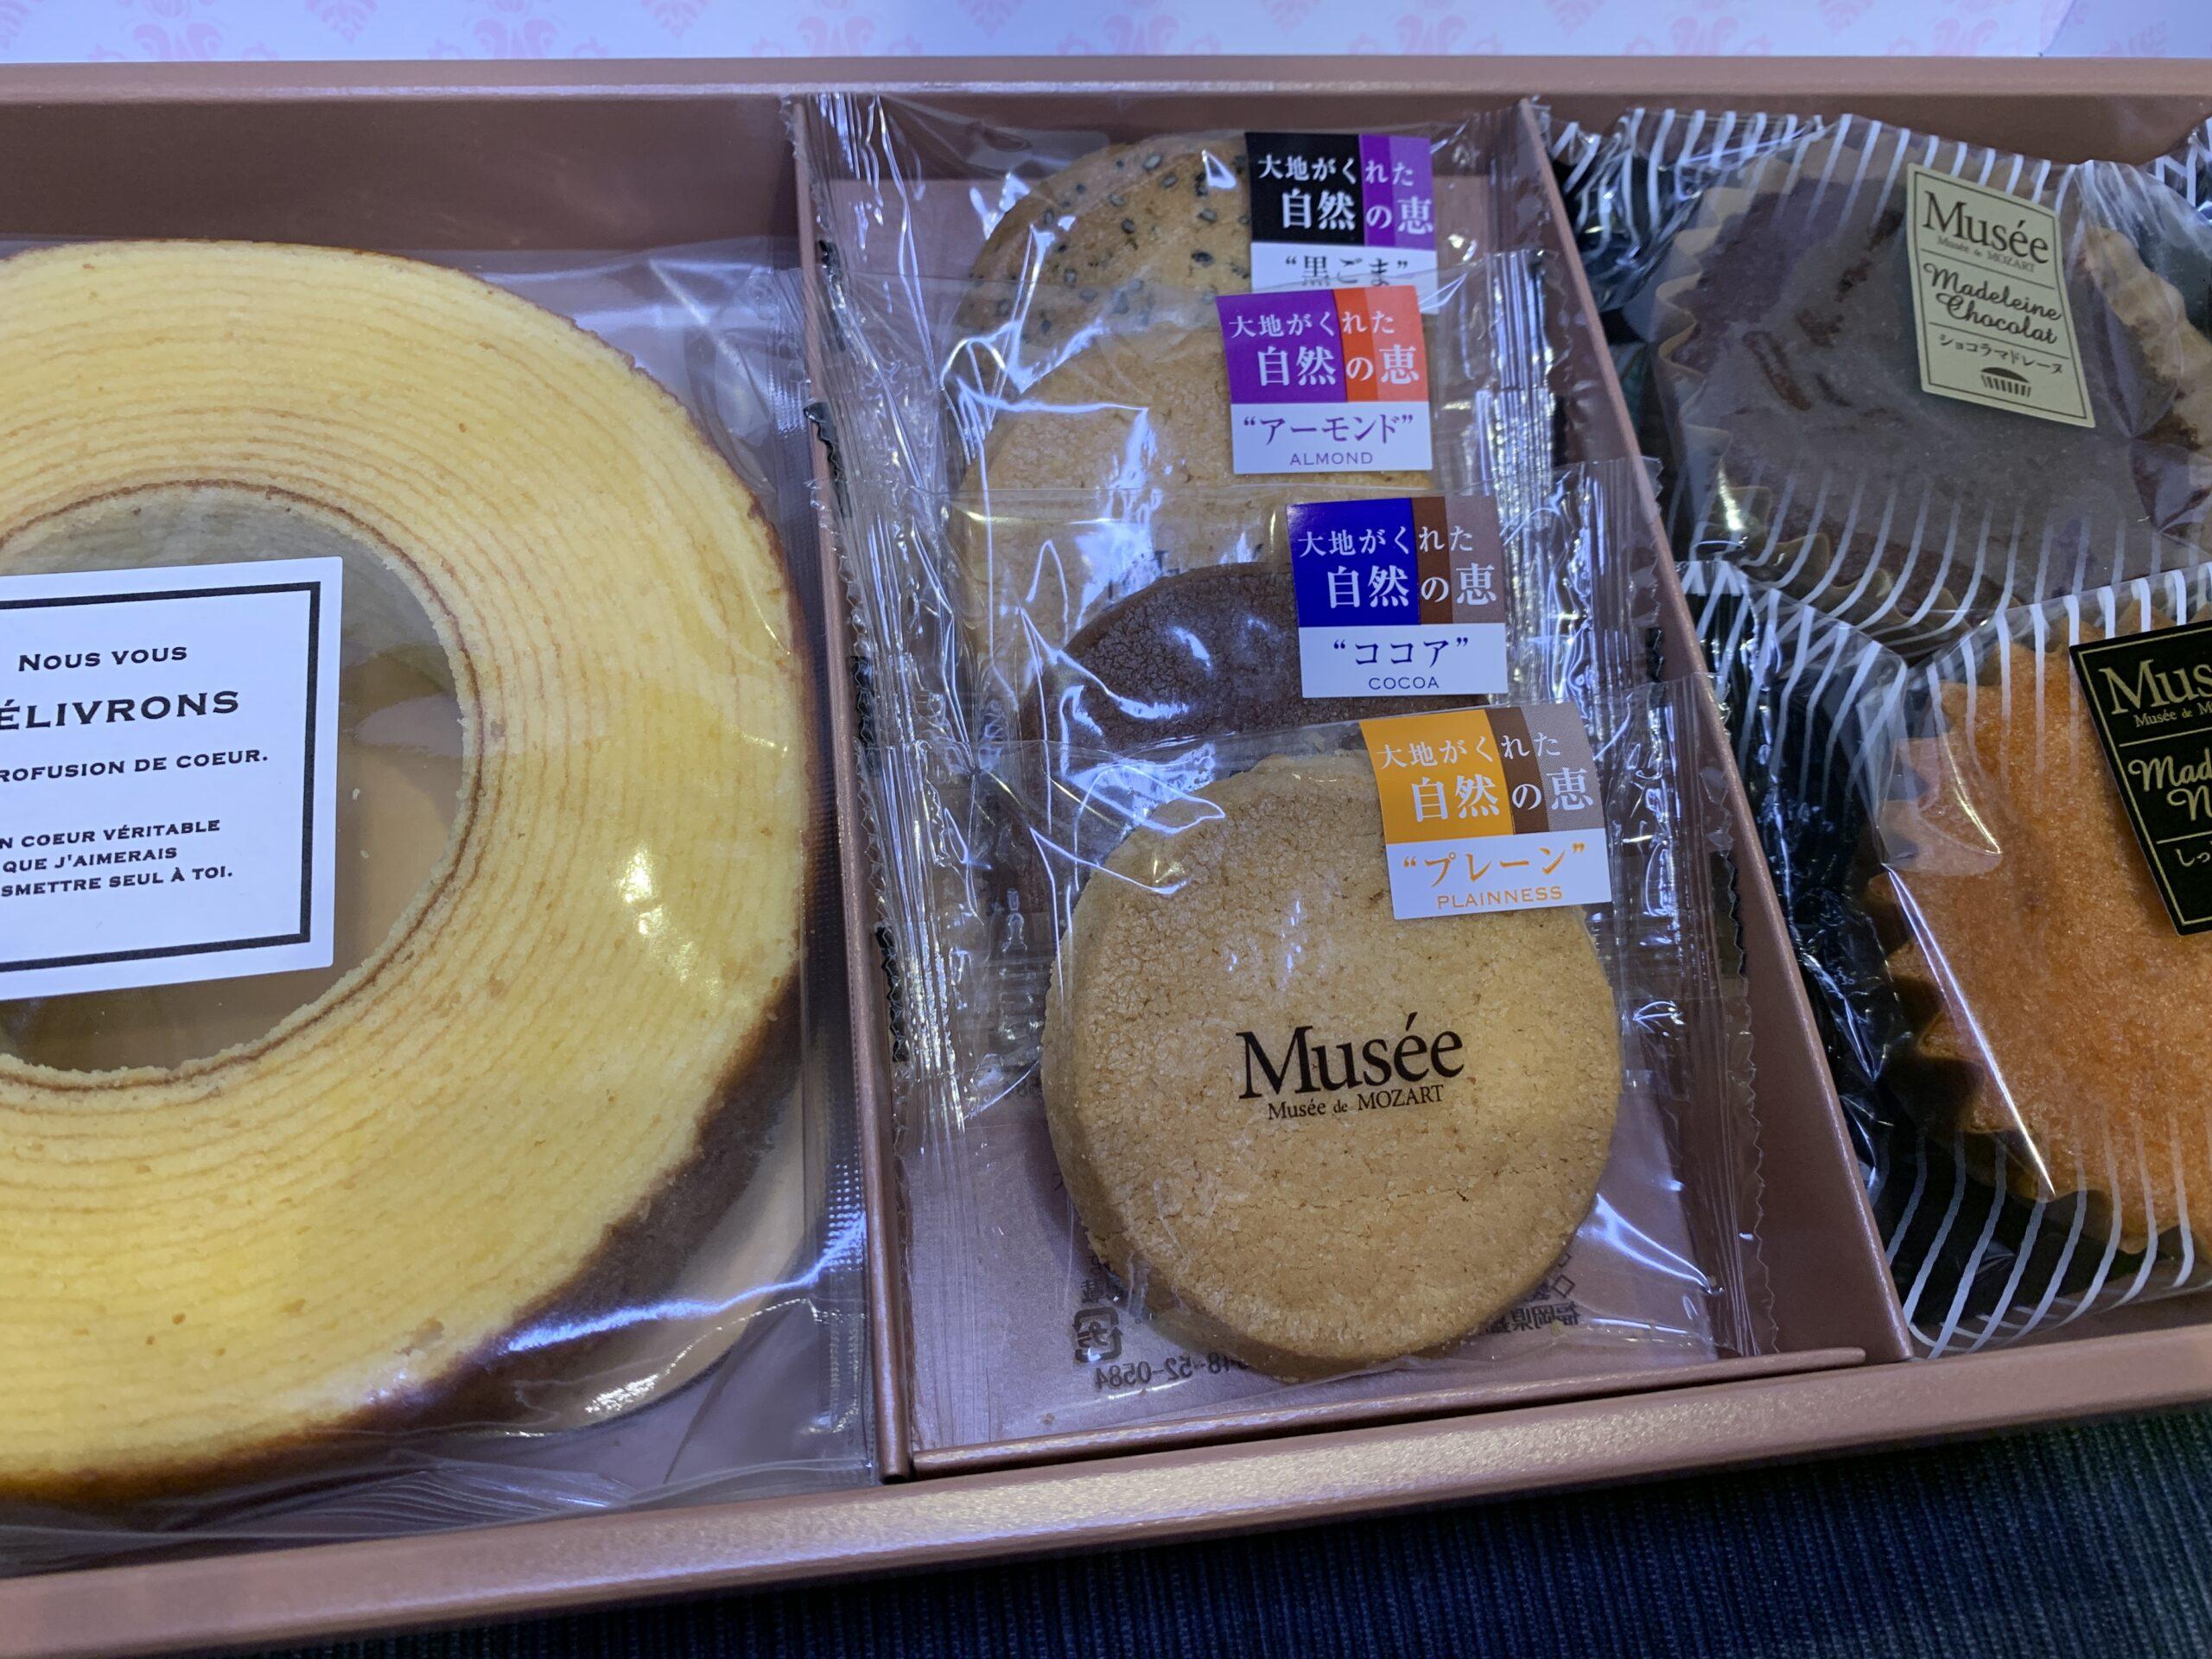 アイケイケイの株主優待品は?いつ届くのか、特選お菓子とは?